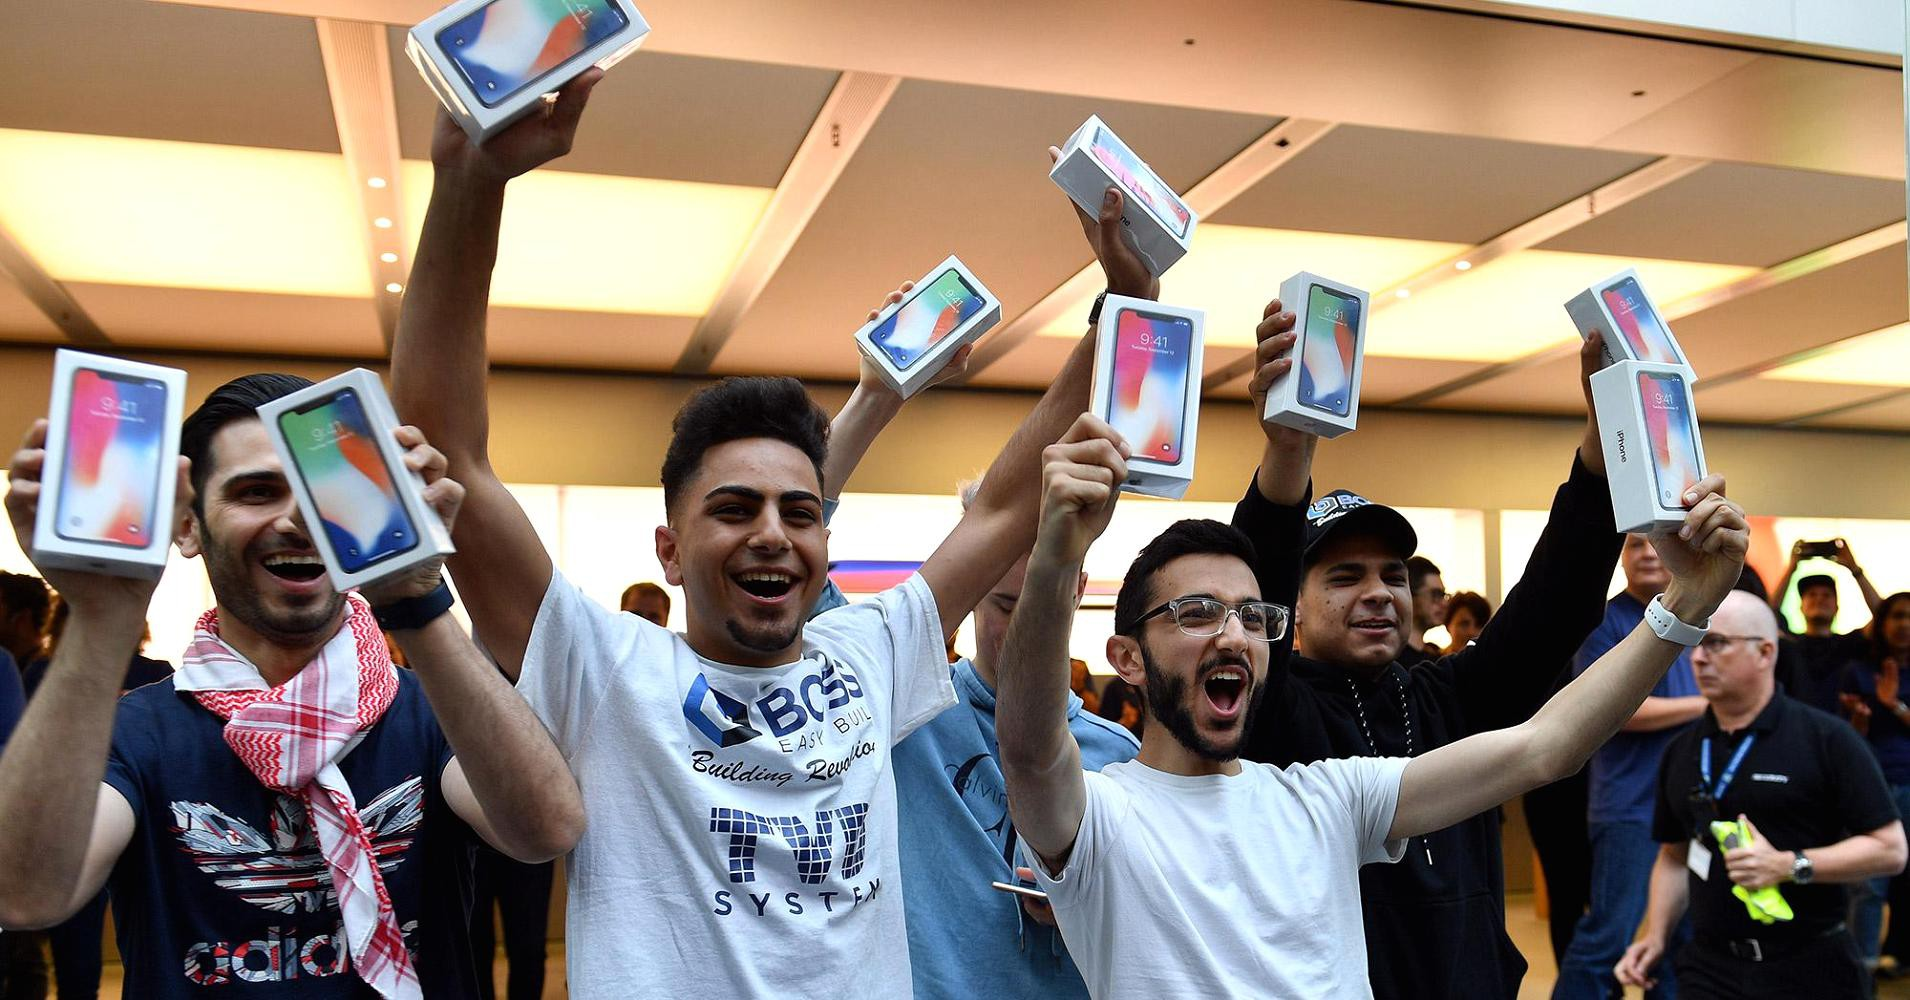 iPhone X ở Việt Nam là mơ ước, còn ở Brazil lại là cơn ác mộng - Ảnh 2.